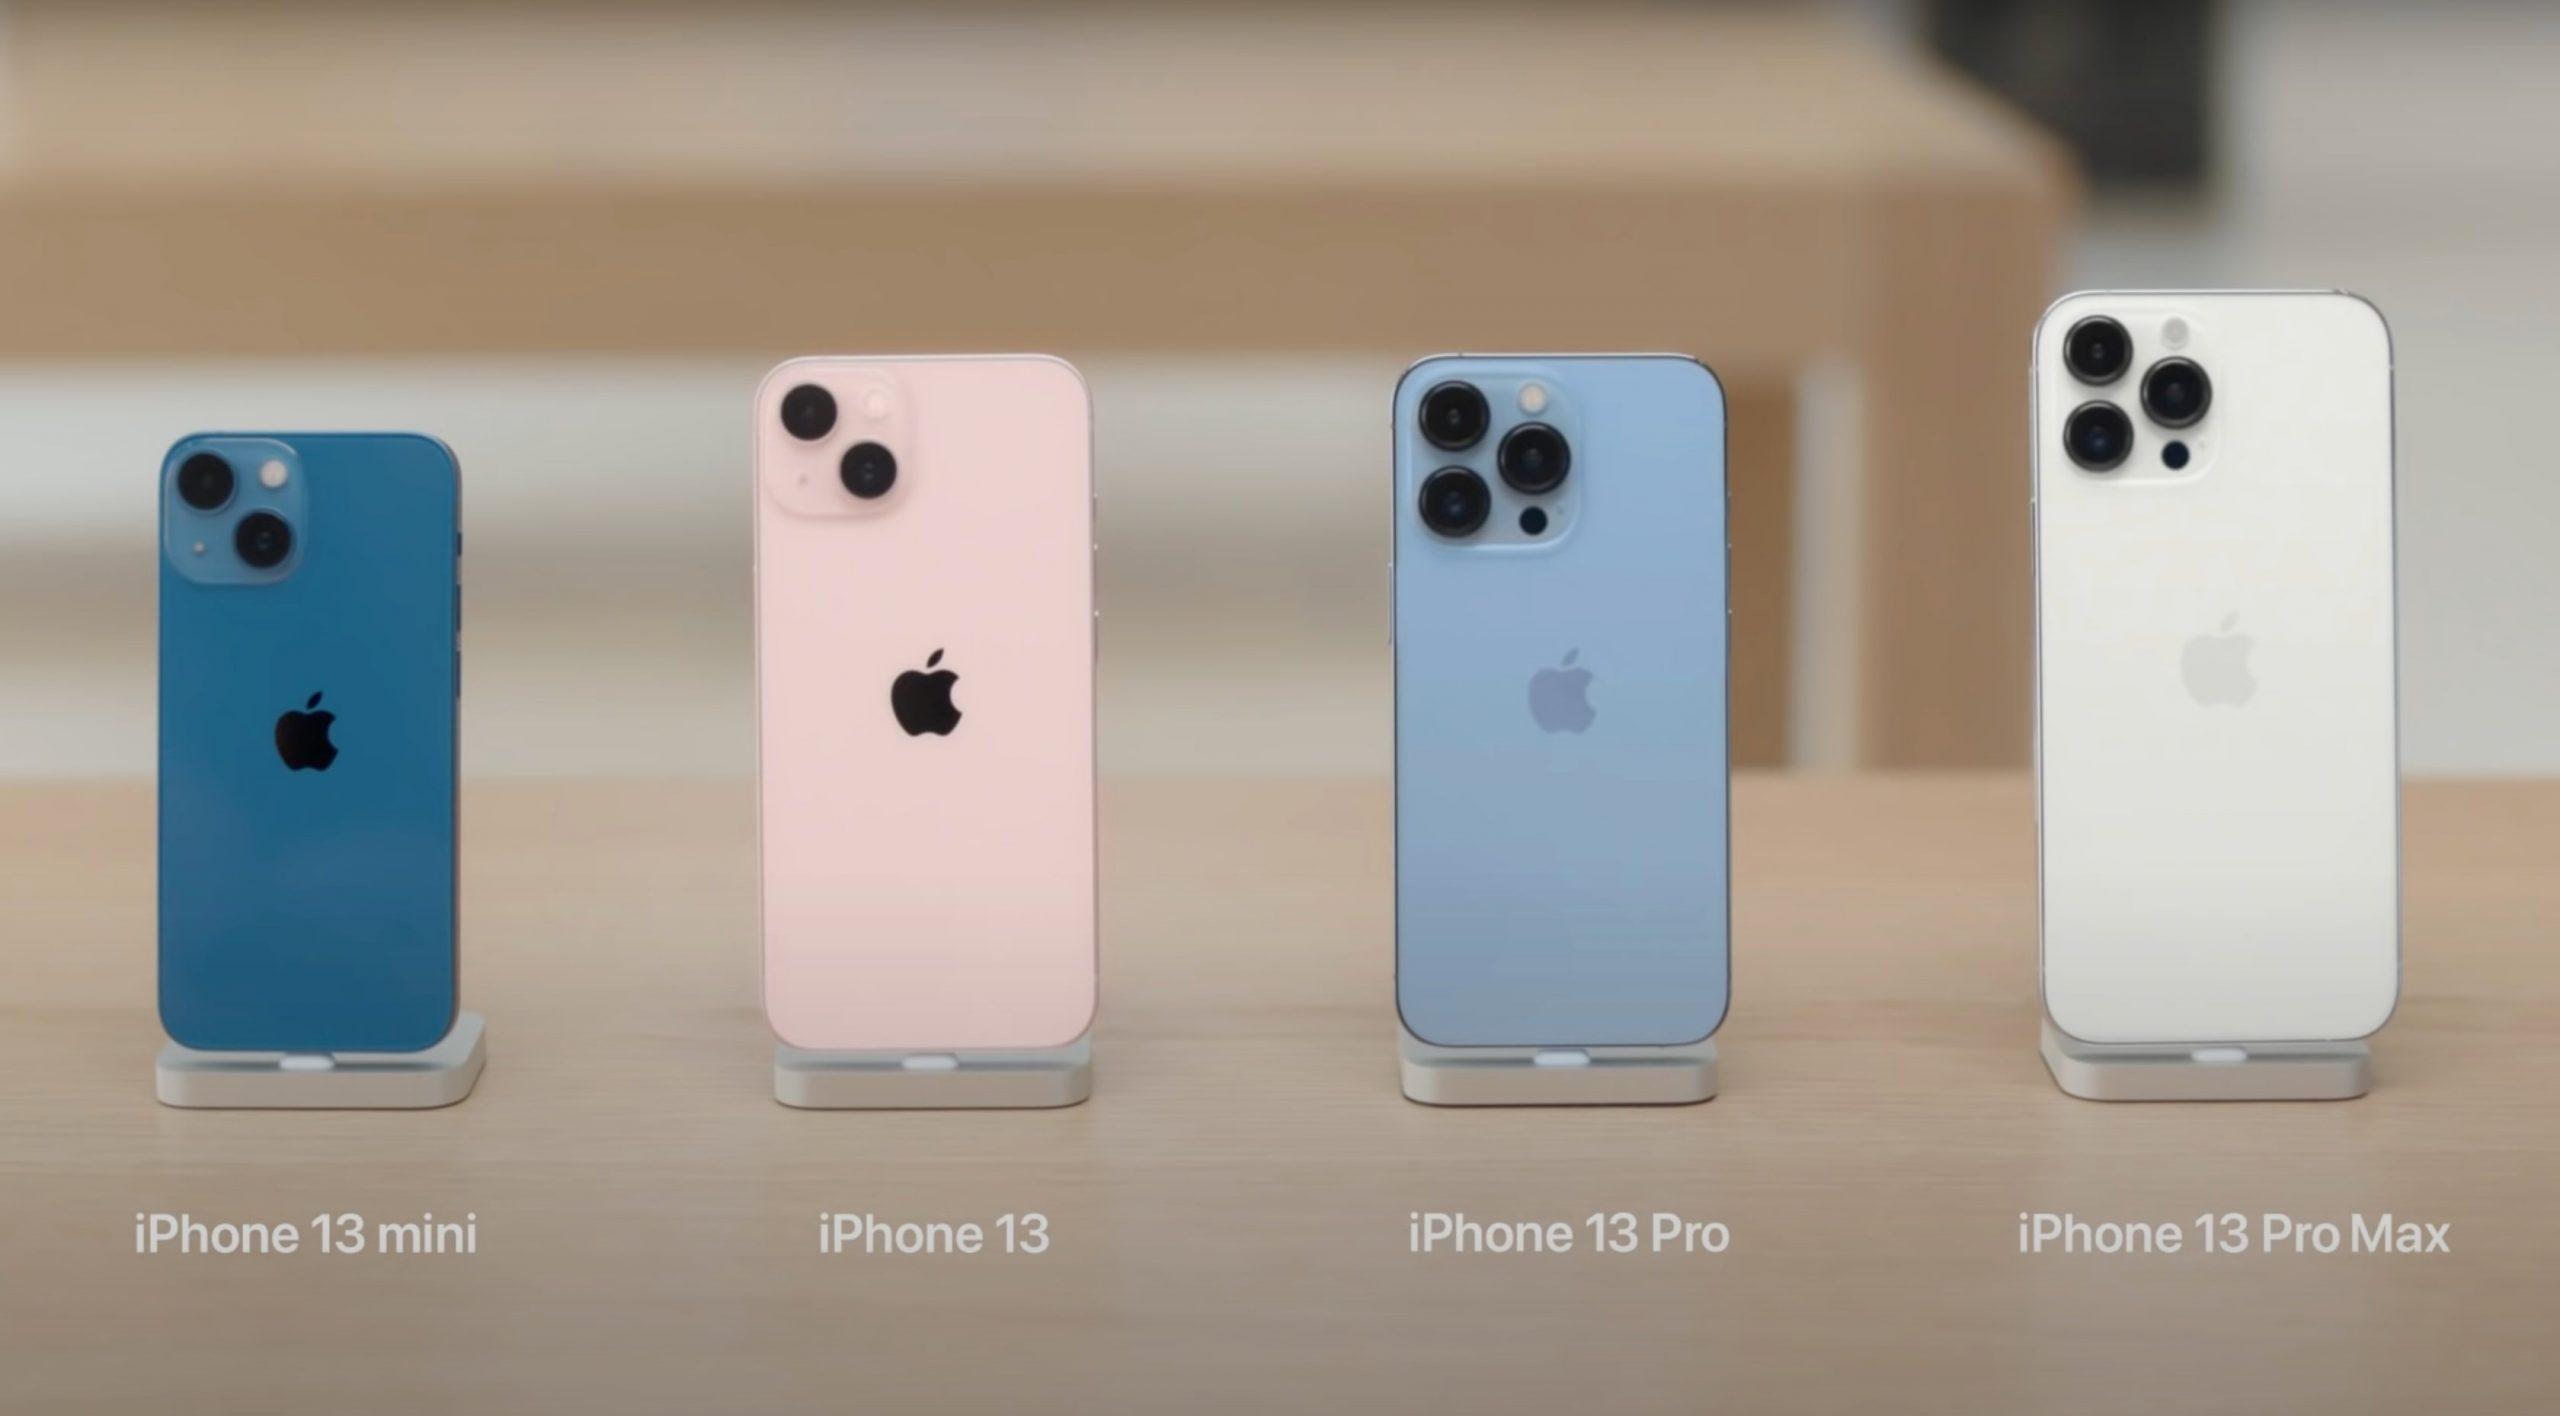 iPhone 13 用户请保护好屏幕,摔坏将只能官方维修,最高花费 2559 元